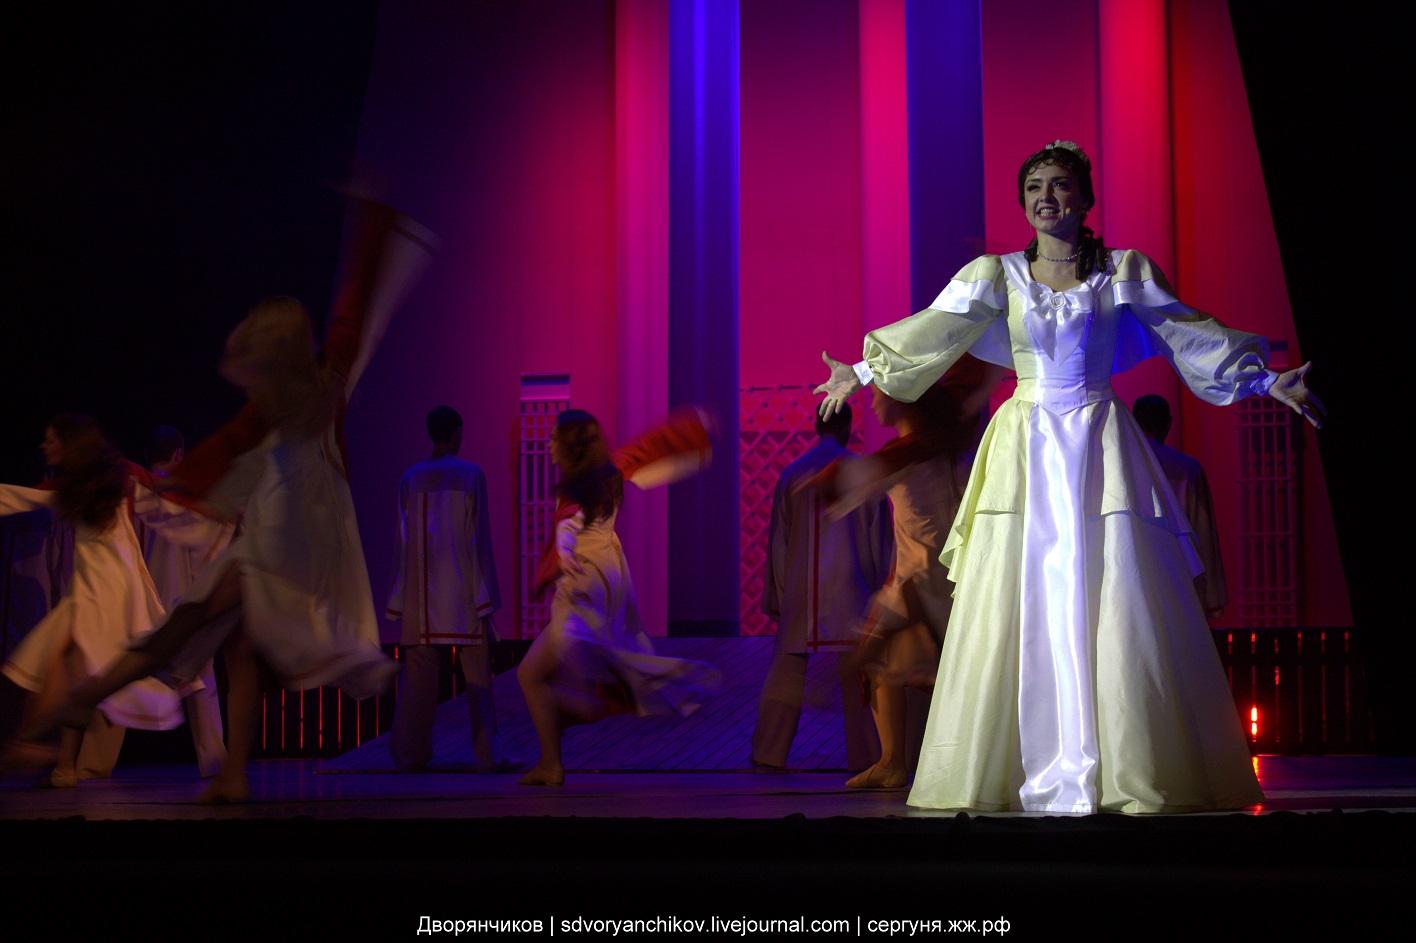 Дубровский - мюзикл Кима Брейтбурга и Карена Кавалеряна в Волгоградском музыкальном театре. 27 января 2017